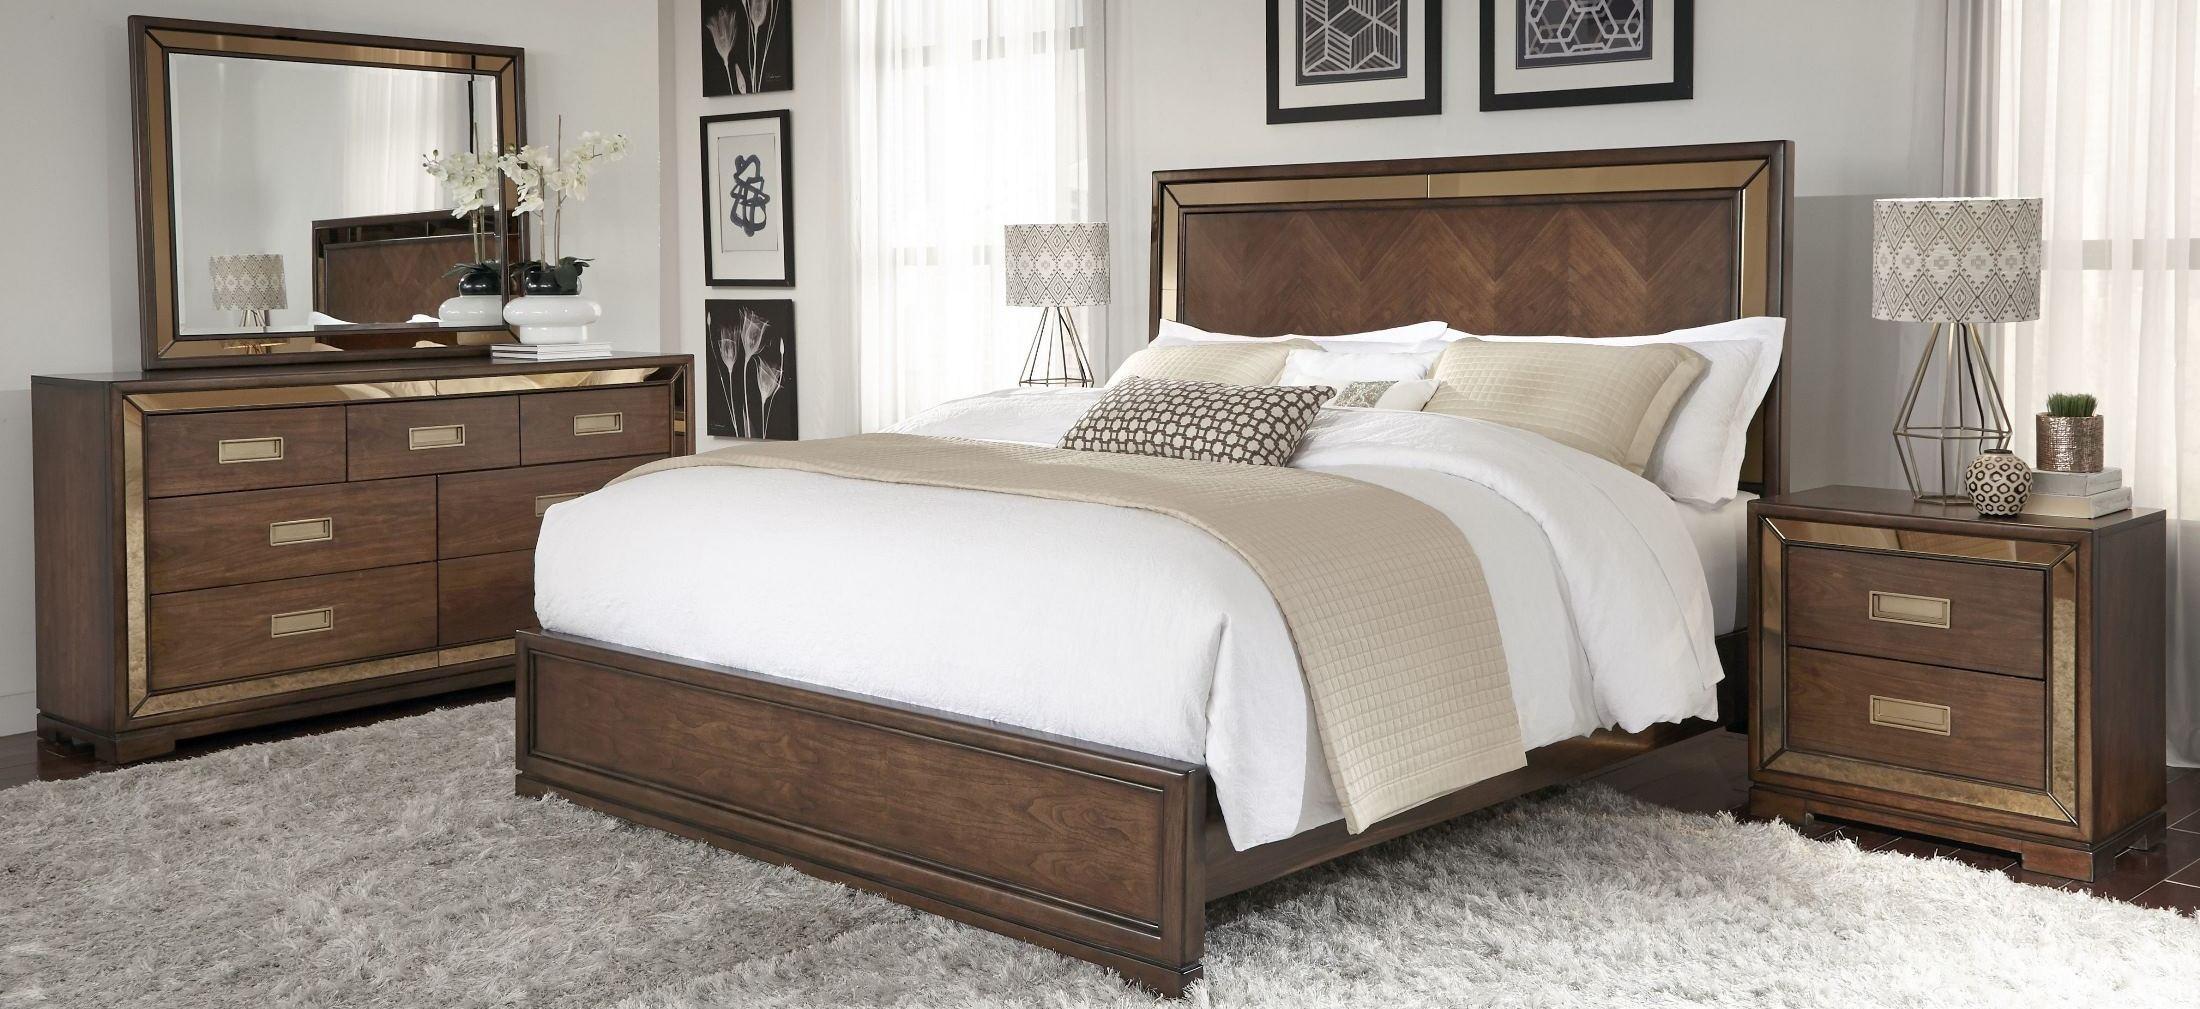 chrystelle cognac panel bedroom set from pulaski coleman furniture. Black Bedroom Furniture Sets. Home Design Ideas